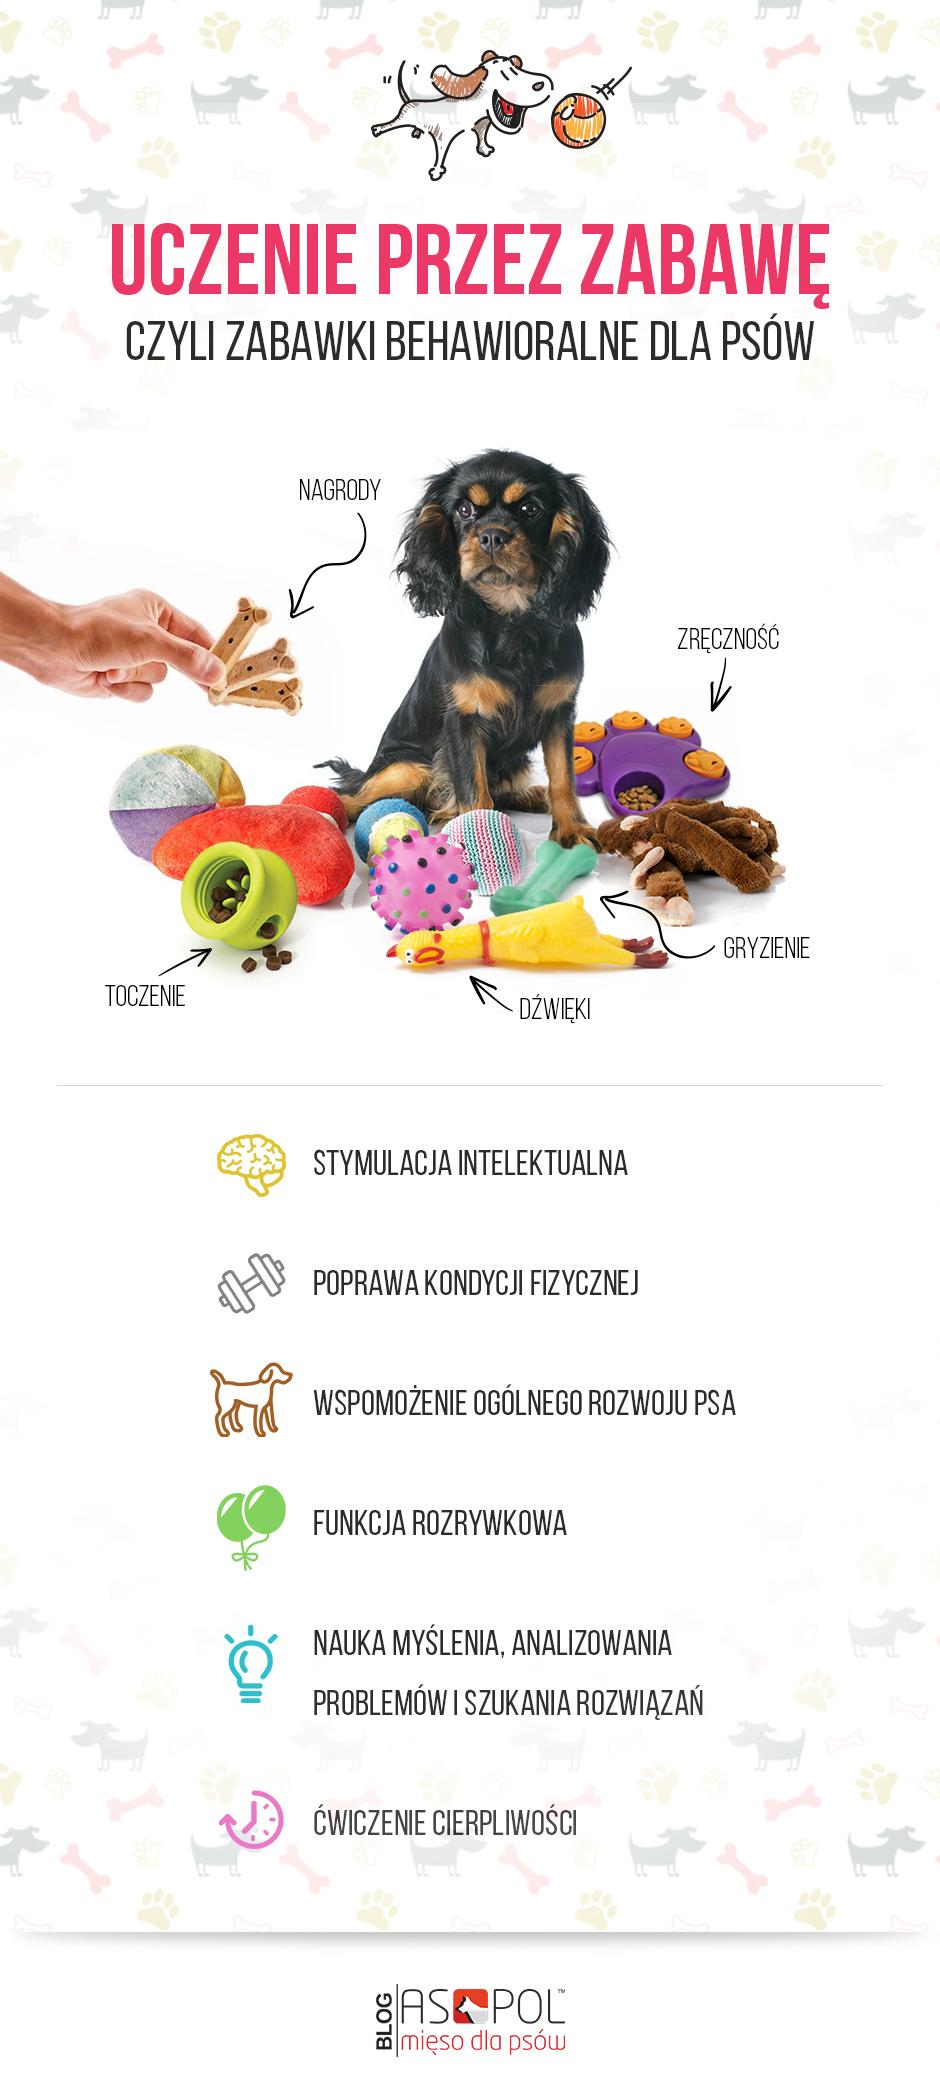 Zabawki behawioralne infografika.